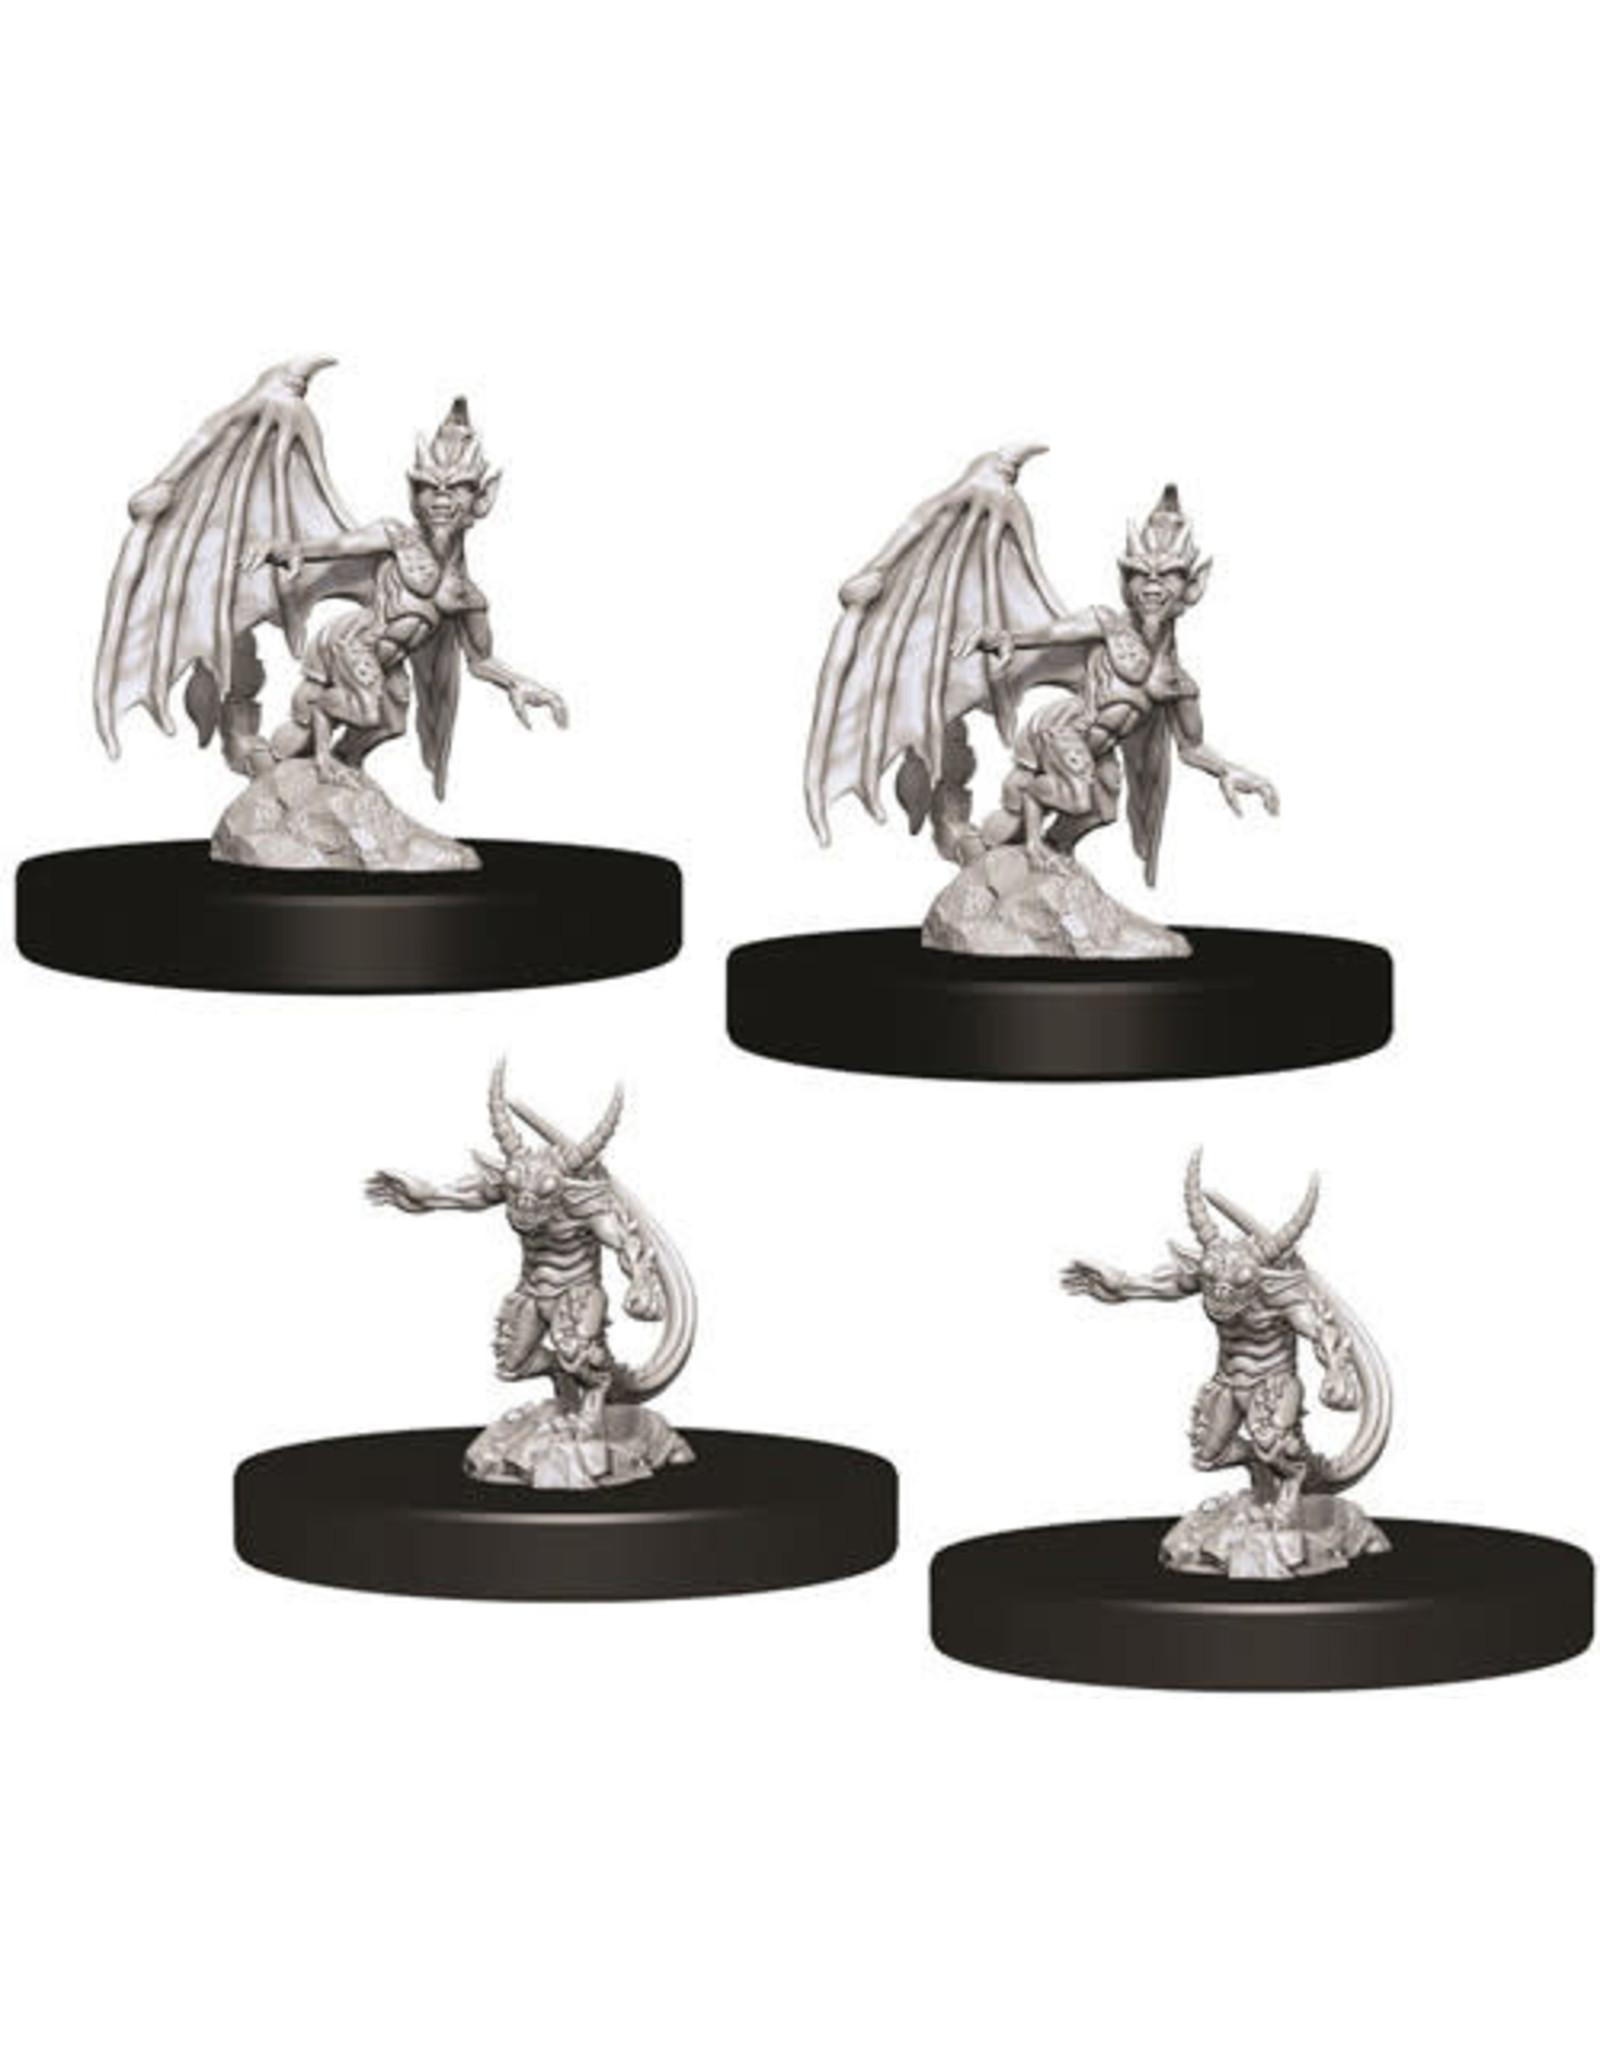 WizKids Dungeons & Dragons Nolzur's Marvelous Unpainted Miniatures: W9 Quasit & Imp